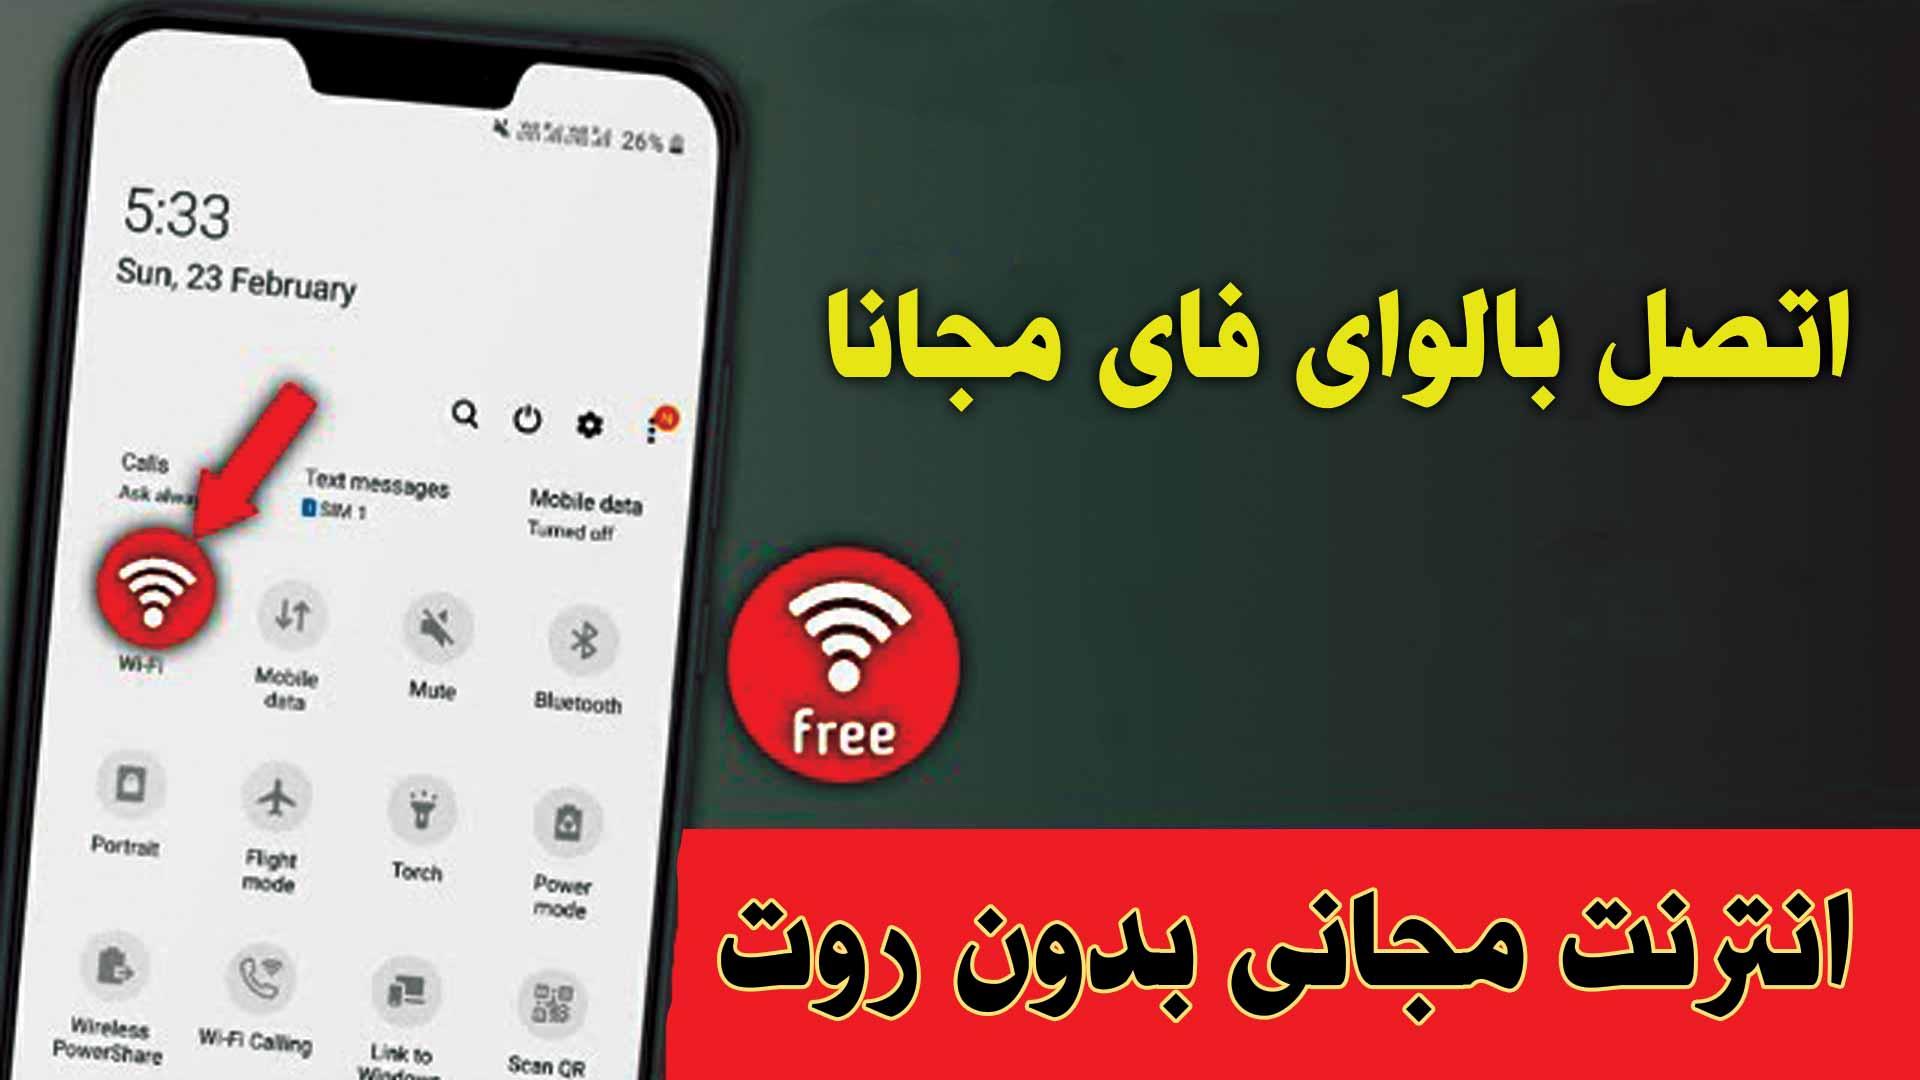 واي فاي مجاني وانترنت مجاني فى اى مكان من خلال الهاتف